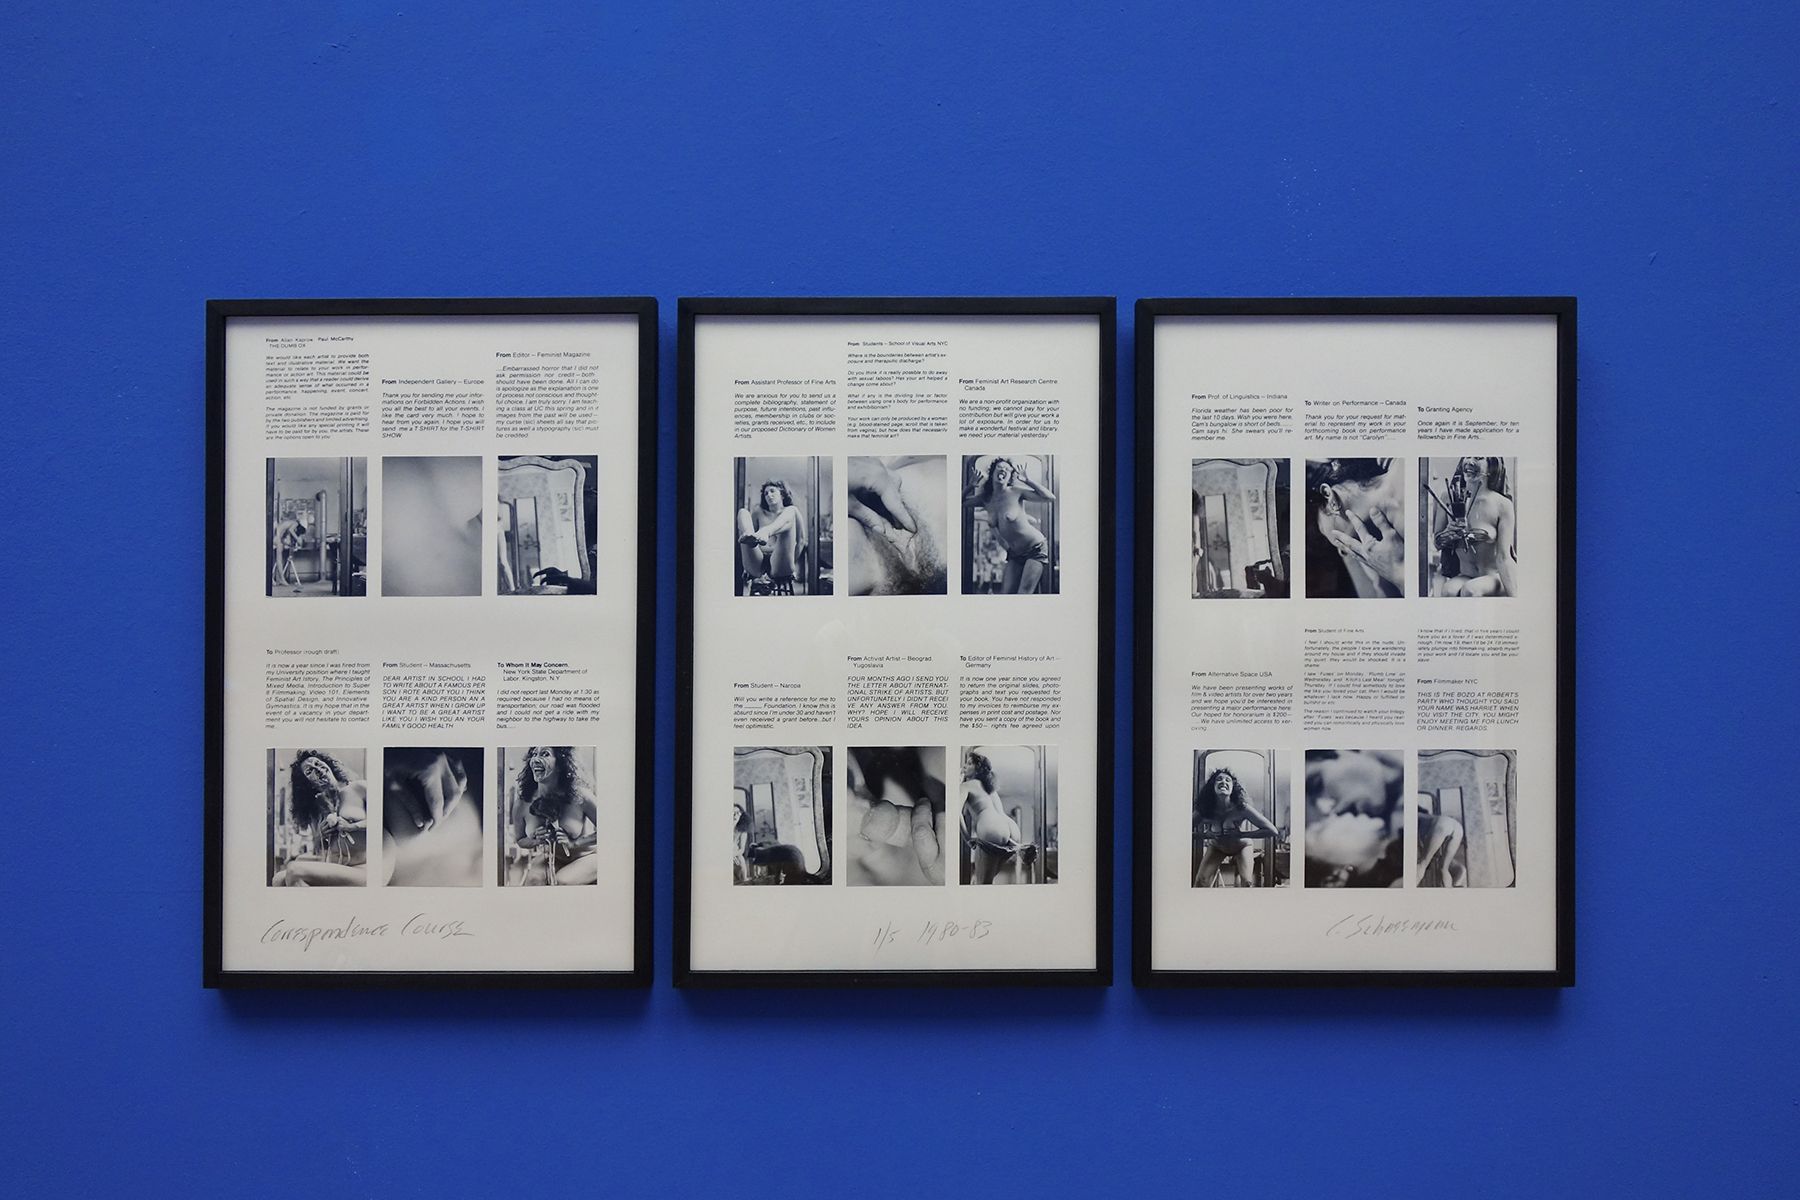 Carolee-Schneemann-Kunsthalle-Winterthur-2018-4